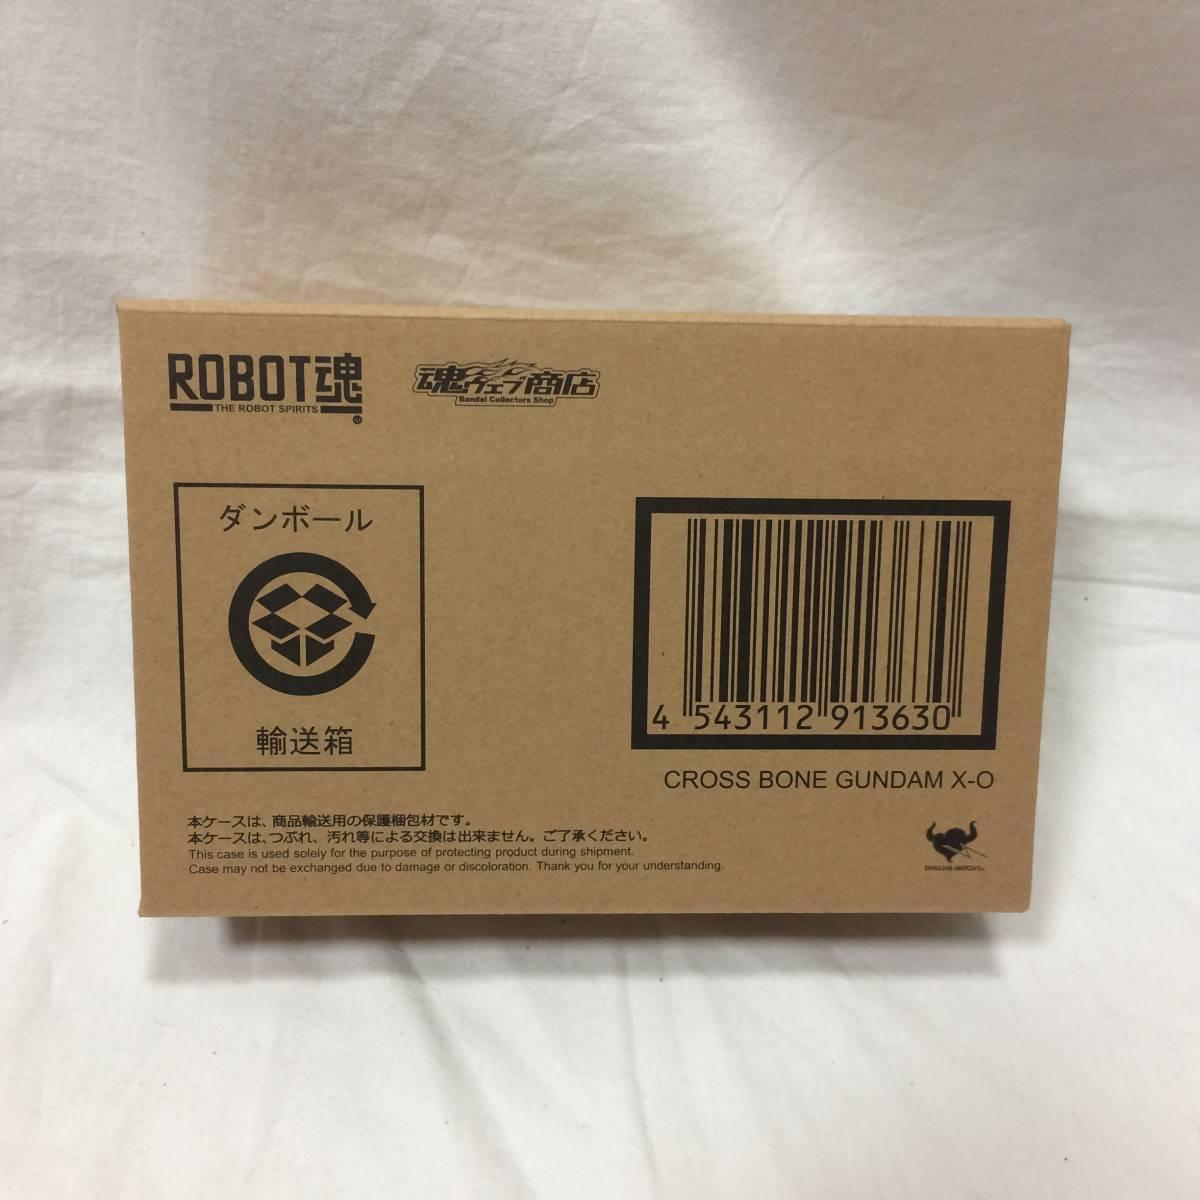 ROBOT魂 クロスボーン・ガンダムX-O 輸送箱未開封 プレミアムバンダイ 魂ウェブ SIDE MS 機動戦士クロスボーン・ガンダムゴースト_画像3